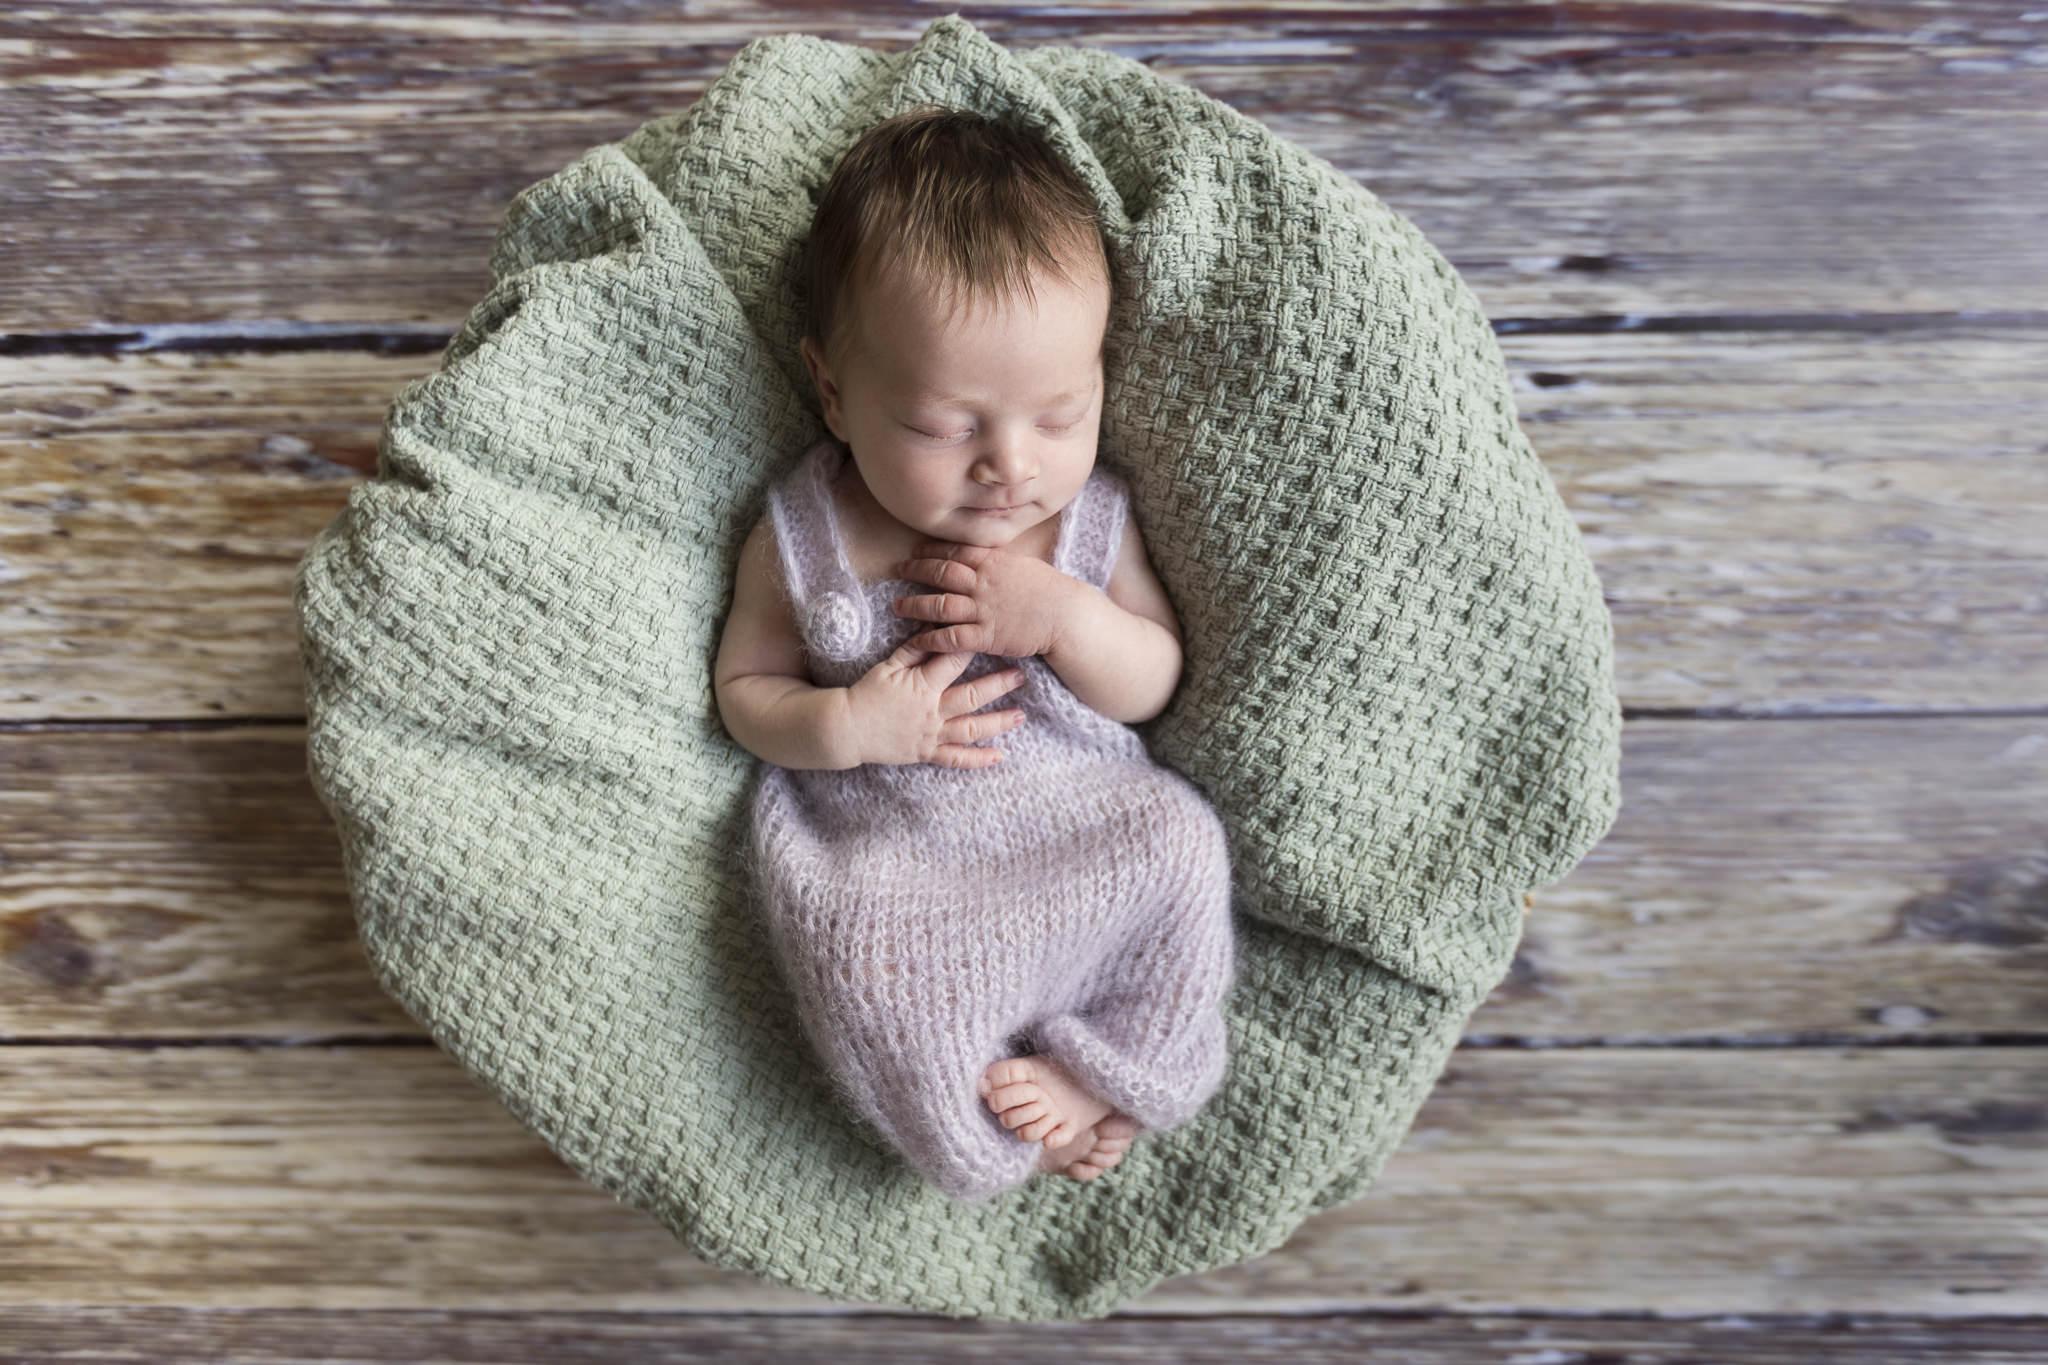 Babyfotograf Hamburg - die kleine Maus liegt in einem Körbchen